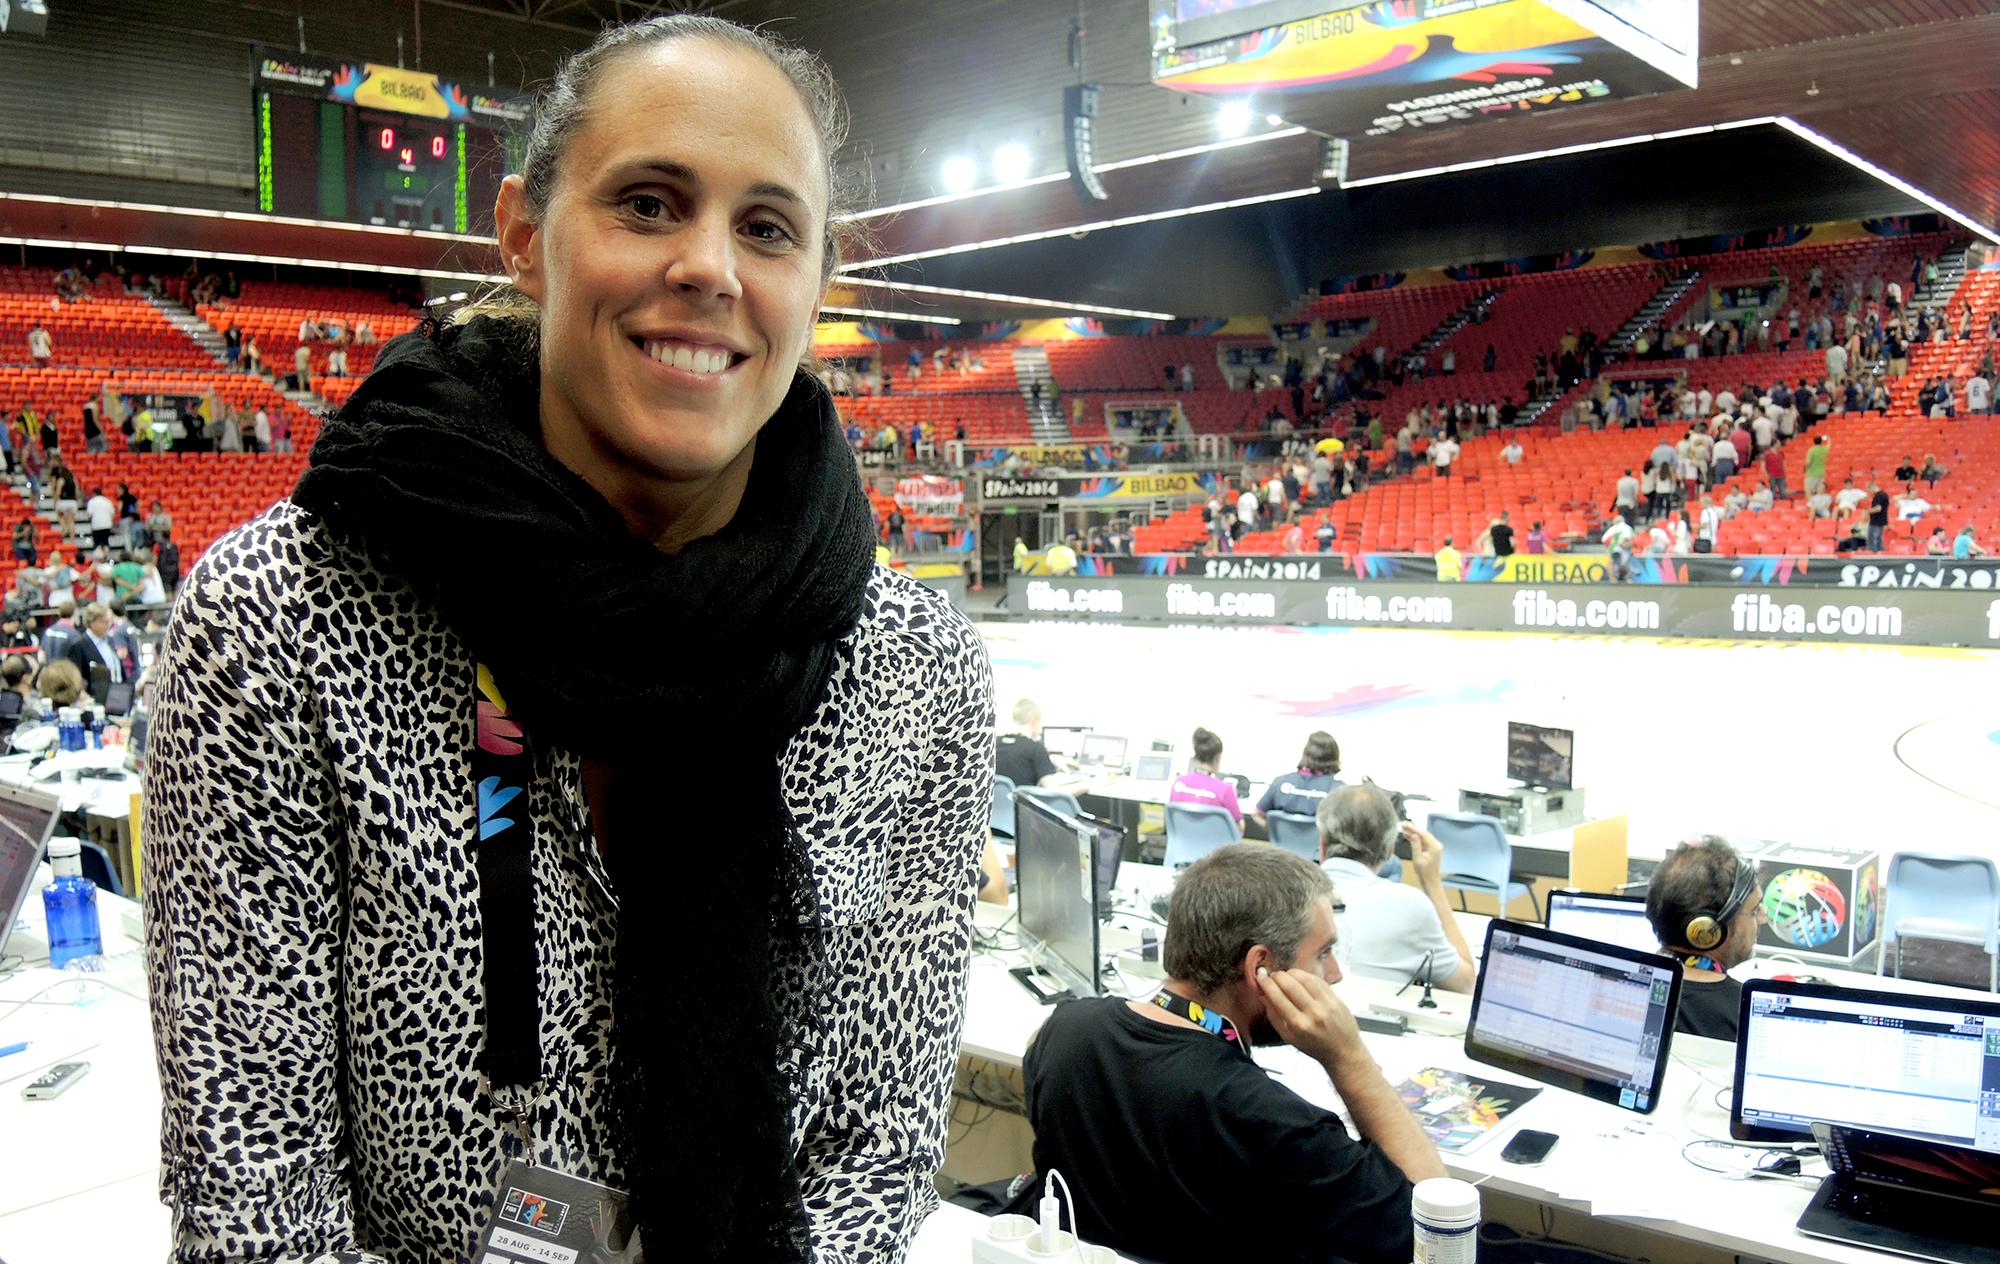 Maior lenda do basquete espanhol crê em surpresa do Brasil no Mundial  a4516d35d7c51